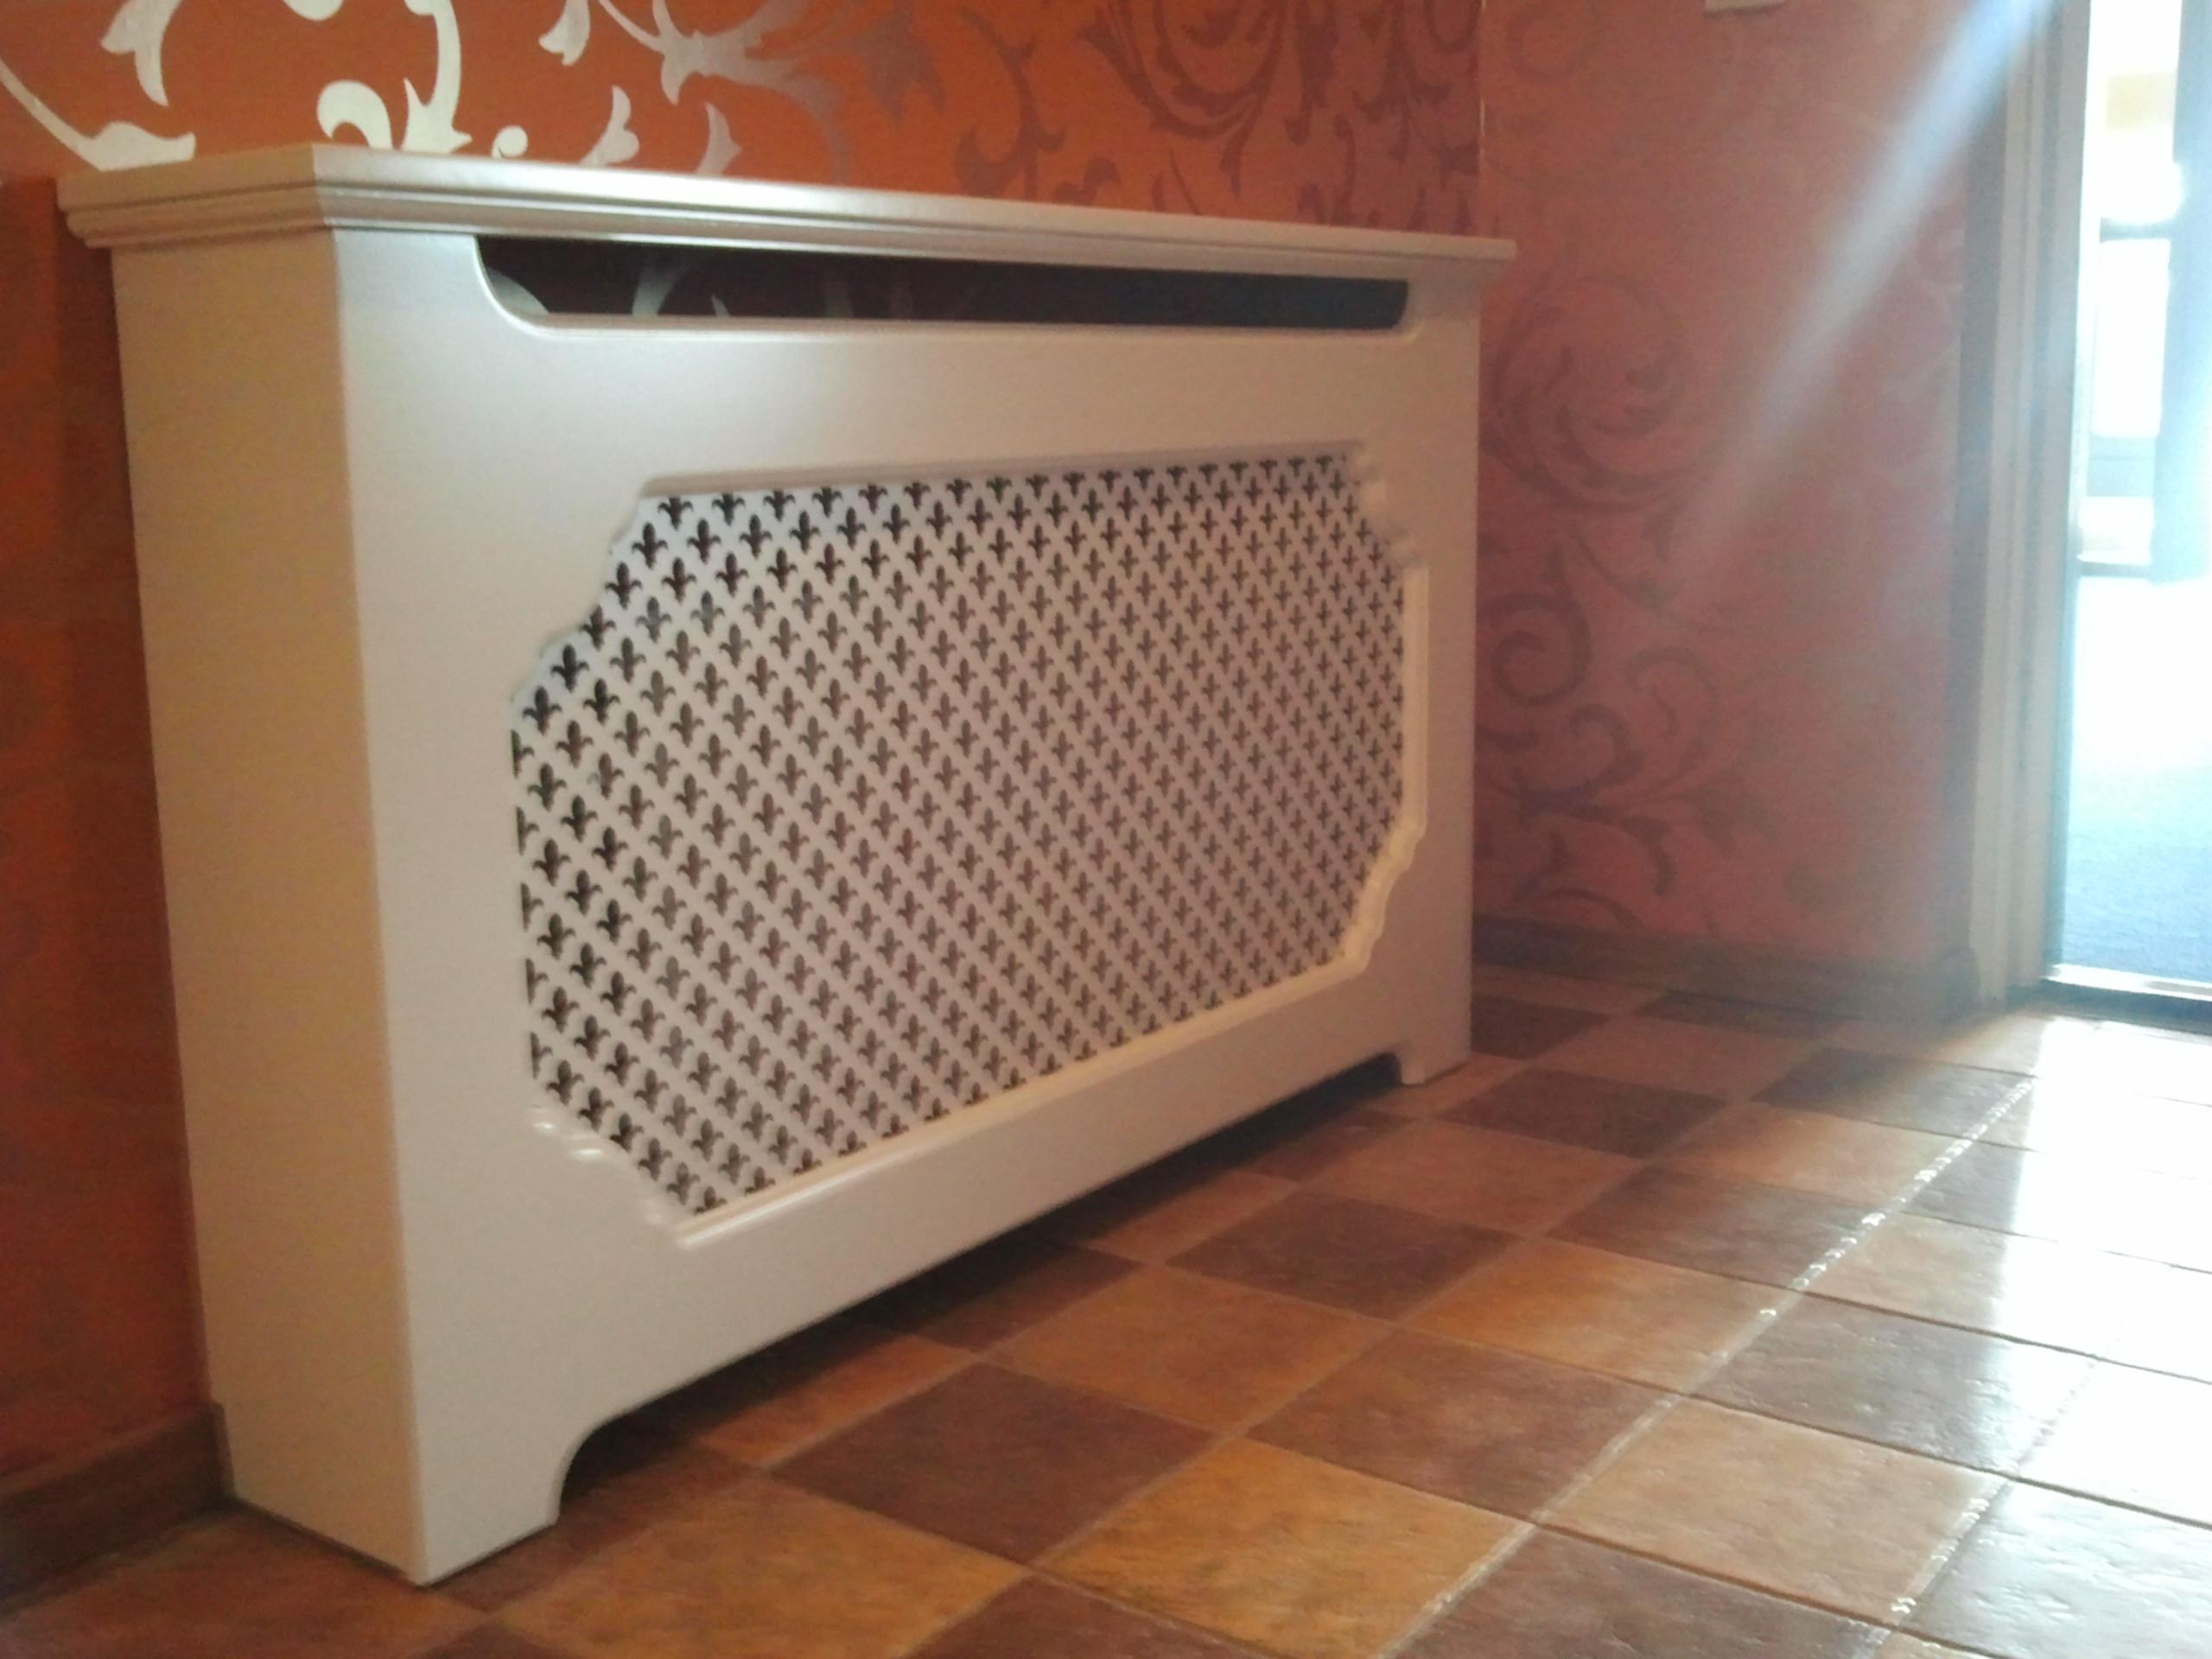 Badkamer verwarming karwei